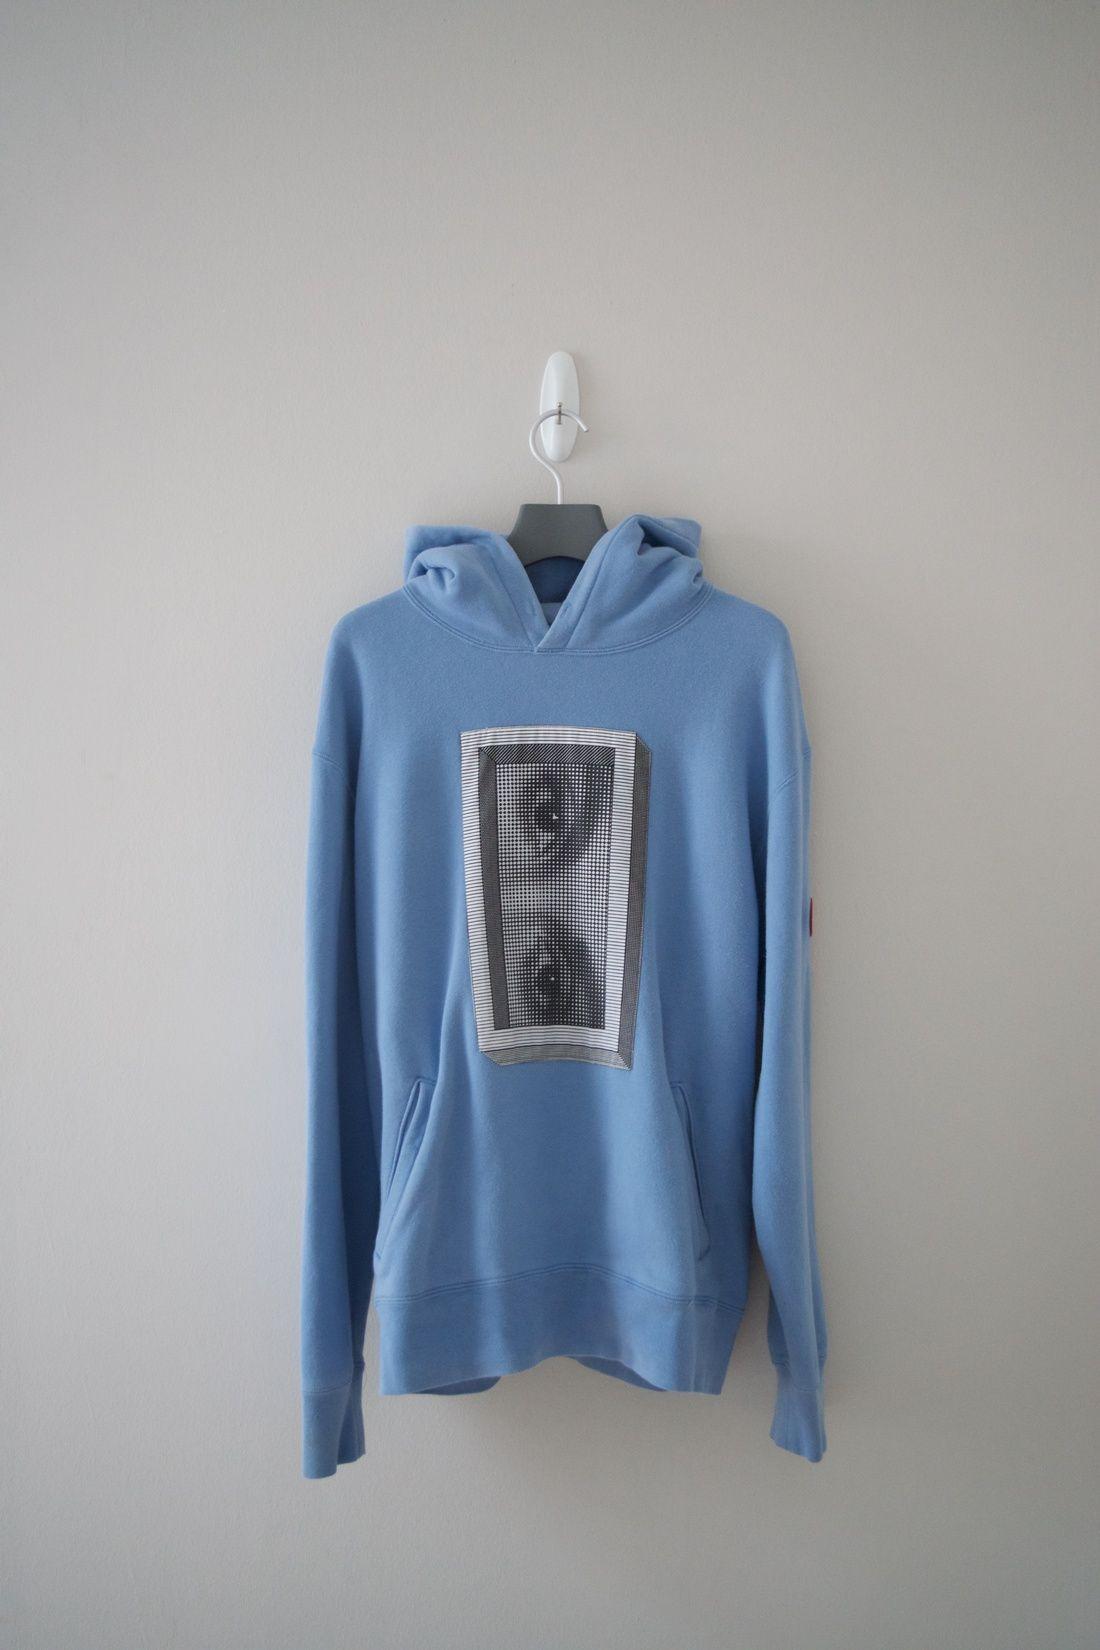 cd07c7000db9 Cav Empt 2014 - Blue Icon Hoodie Size US XL   EU 56   4 Bape